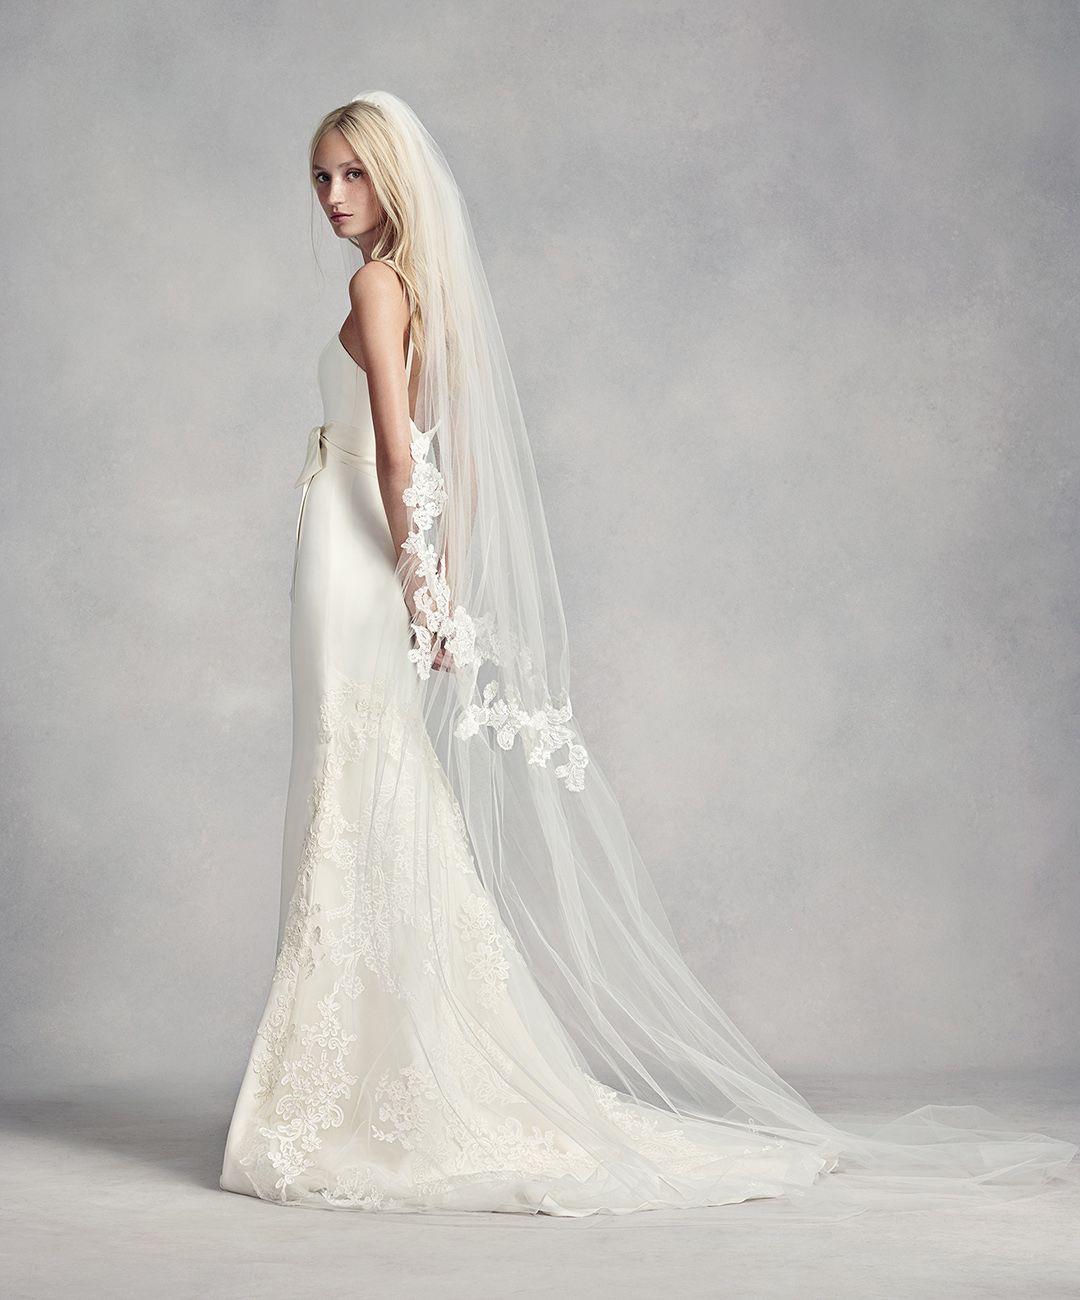 Floral Lace Cinched Cathedral Veil David S Bridal Applique Wedding Dress Lace Applique Wedding Dress Lace Bridal Gown [ 1300 x 1080 Pixel ]